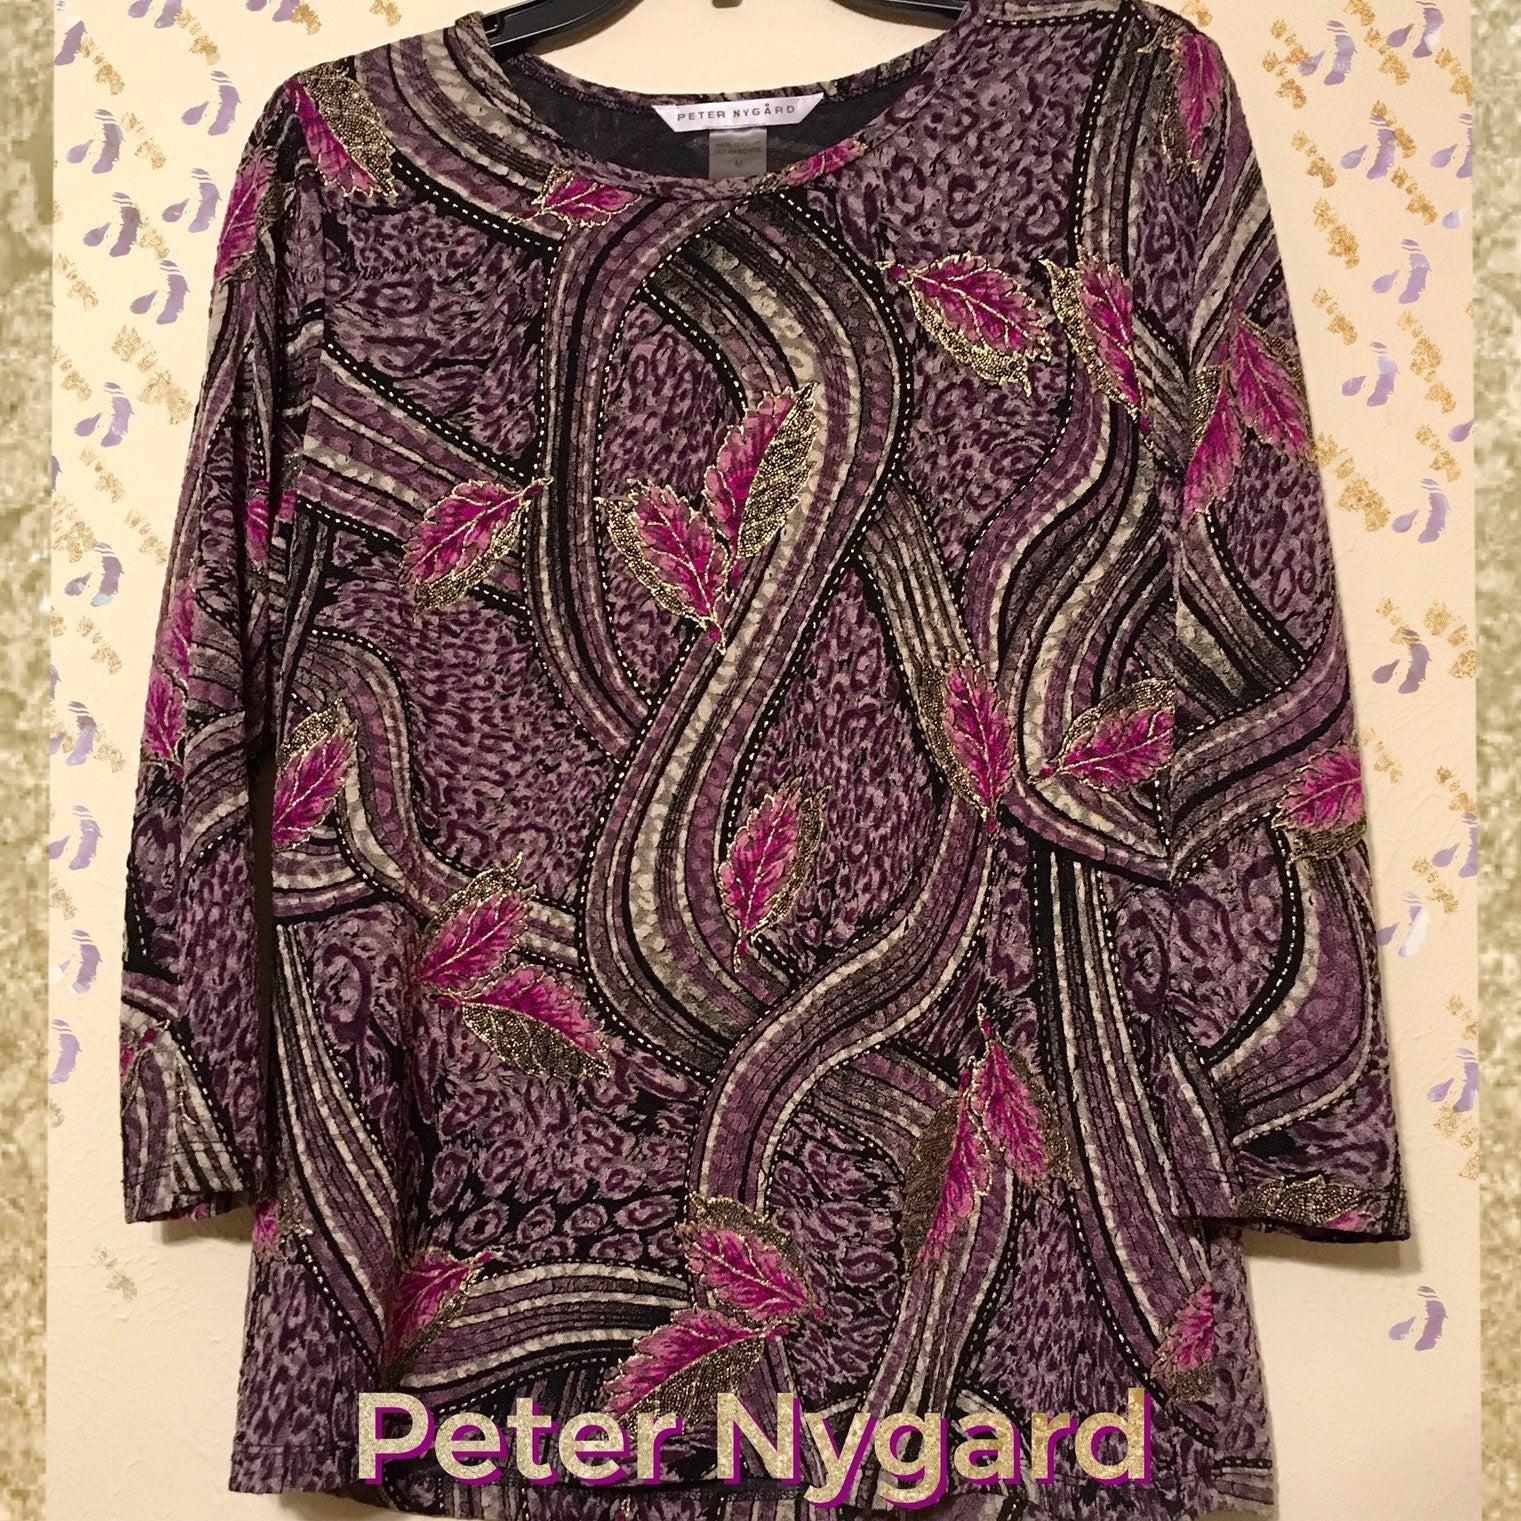 PETER NYGARD Top